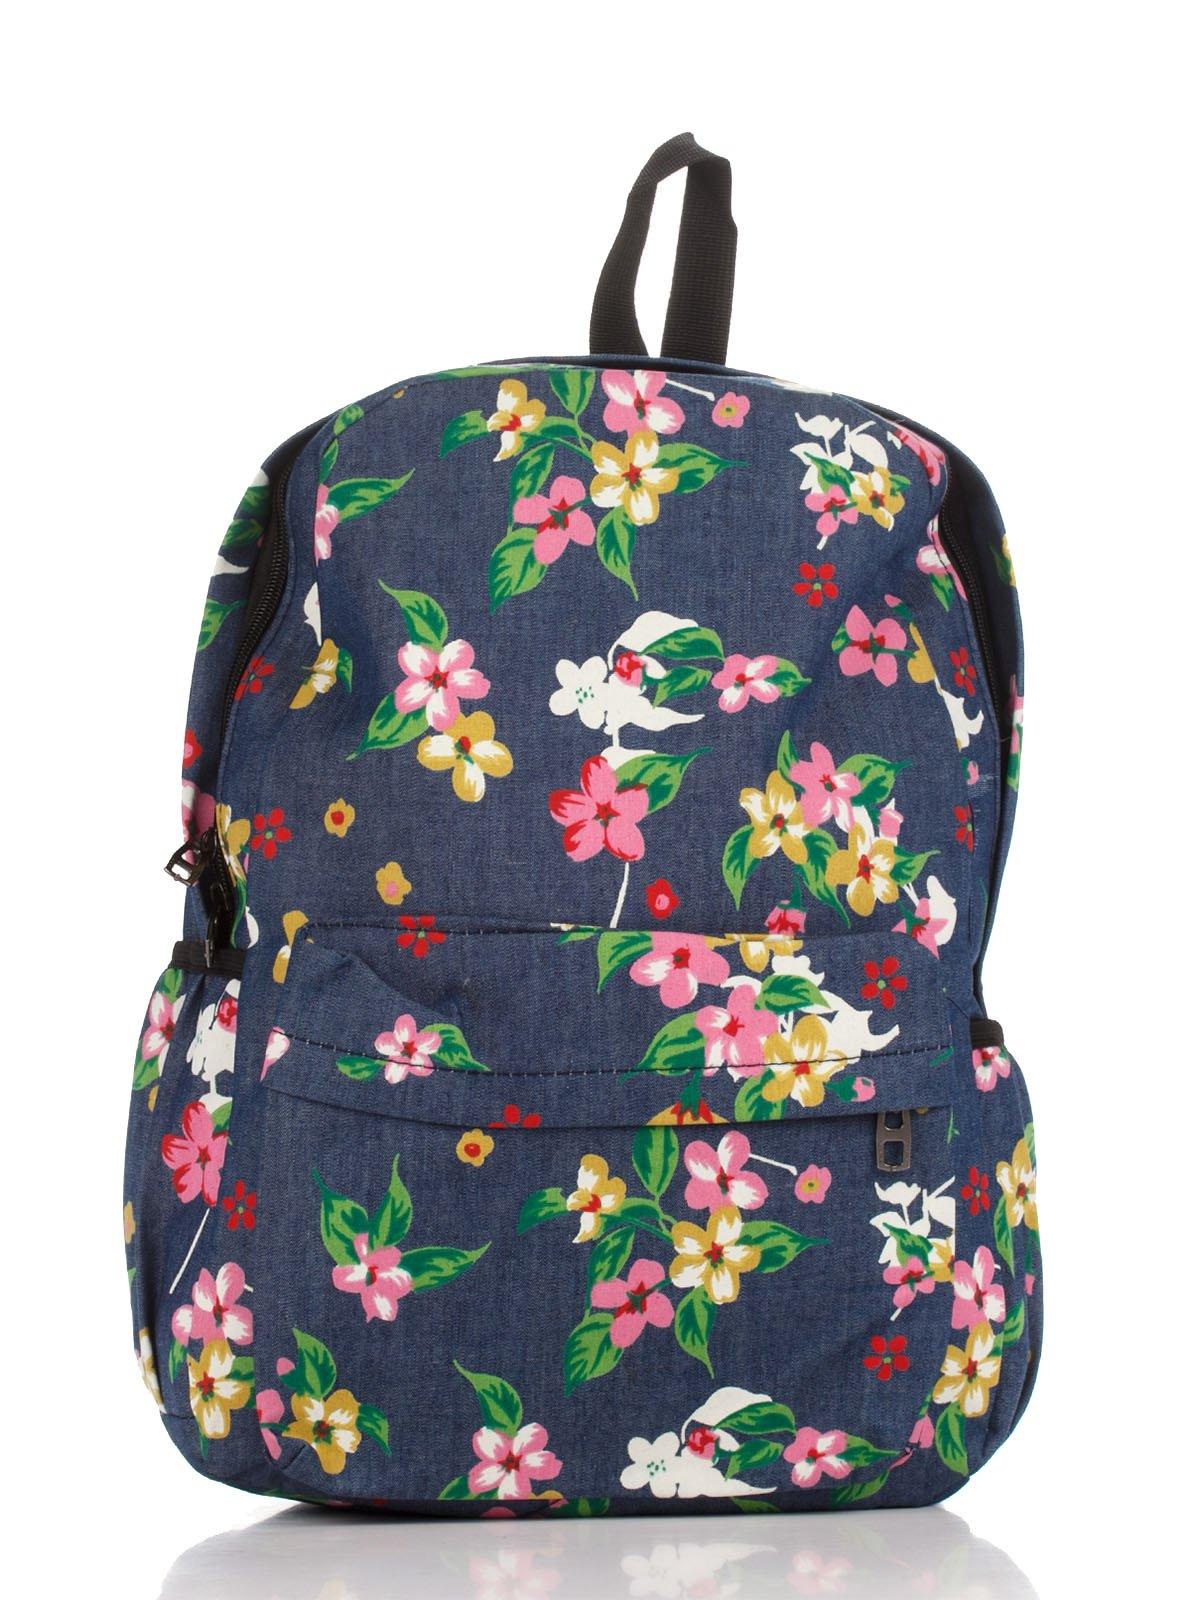 e151cfb6009e Рюкзак с цветочным принтом — Postar, акция действует до 26 июля 2018 ...